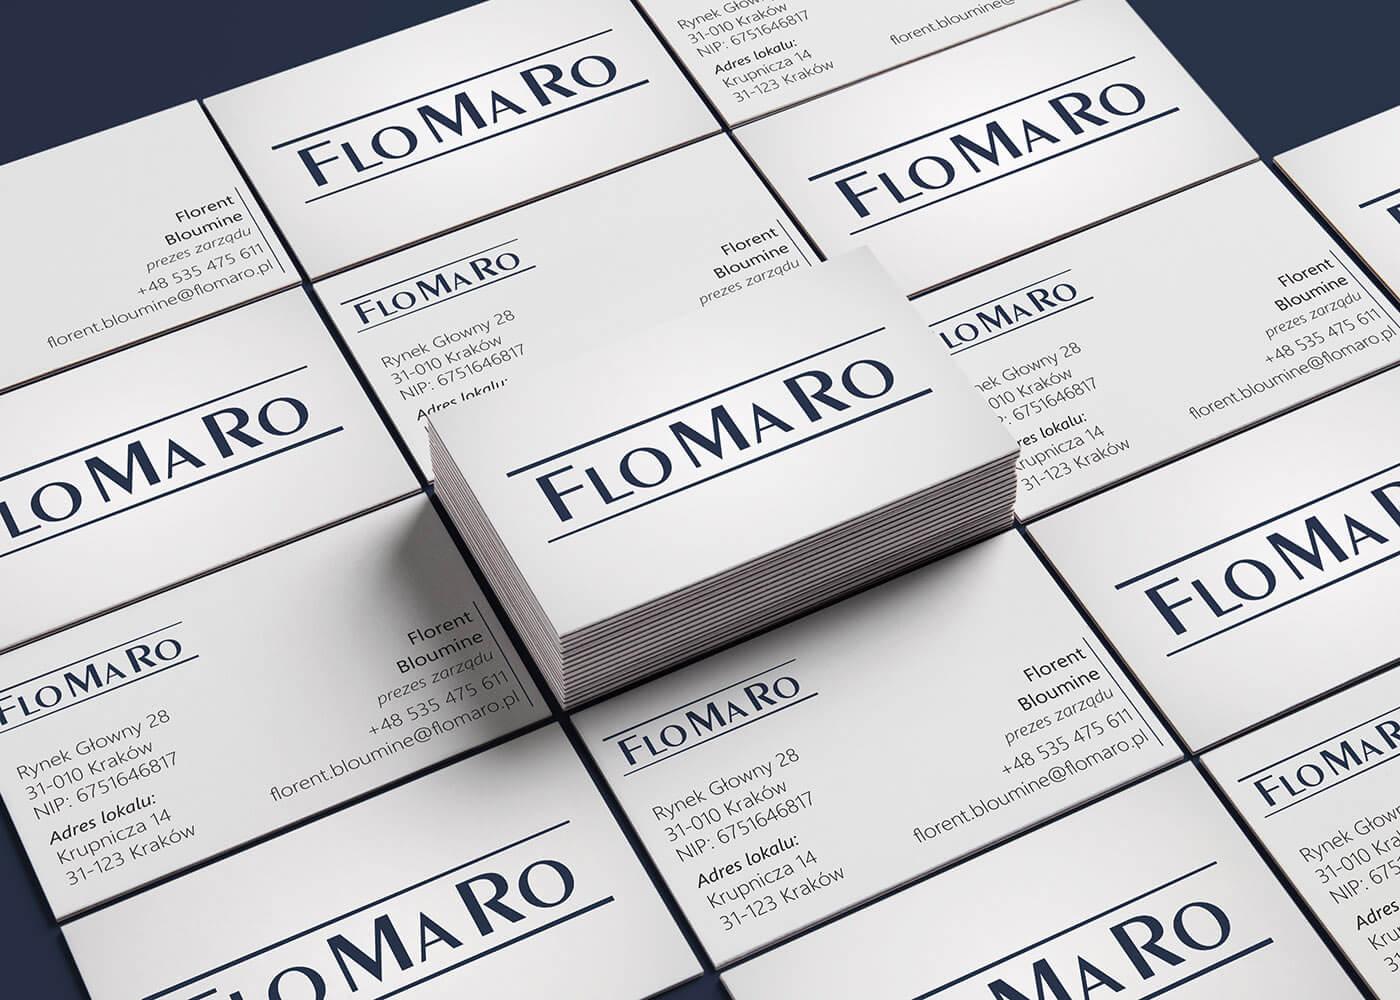 https://www.bywataha.pl/project/wizytowki-flomaro/